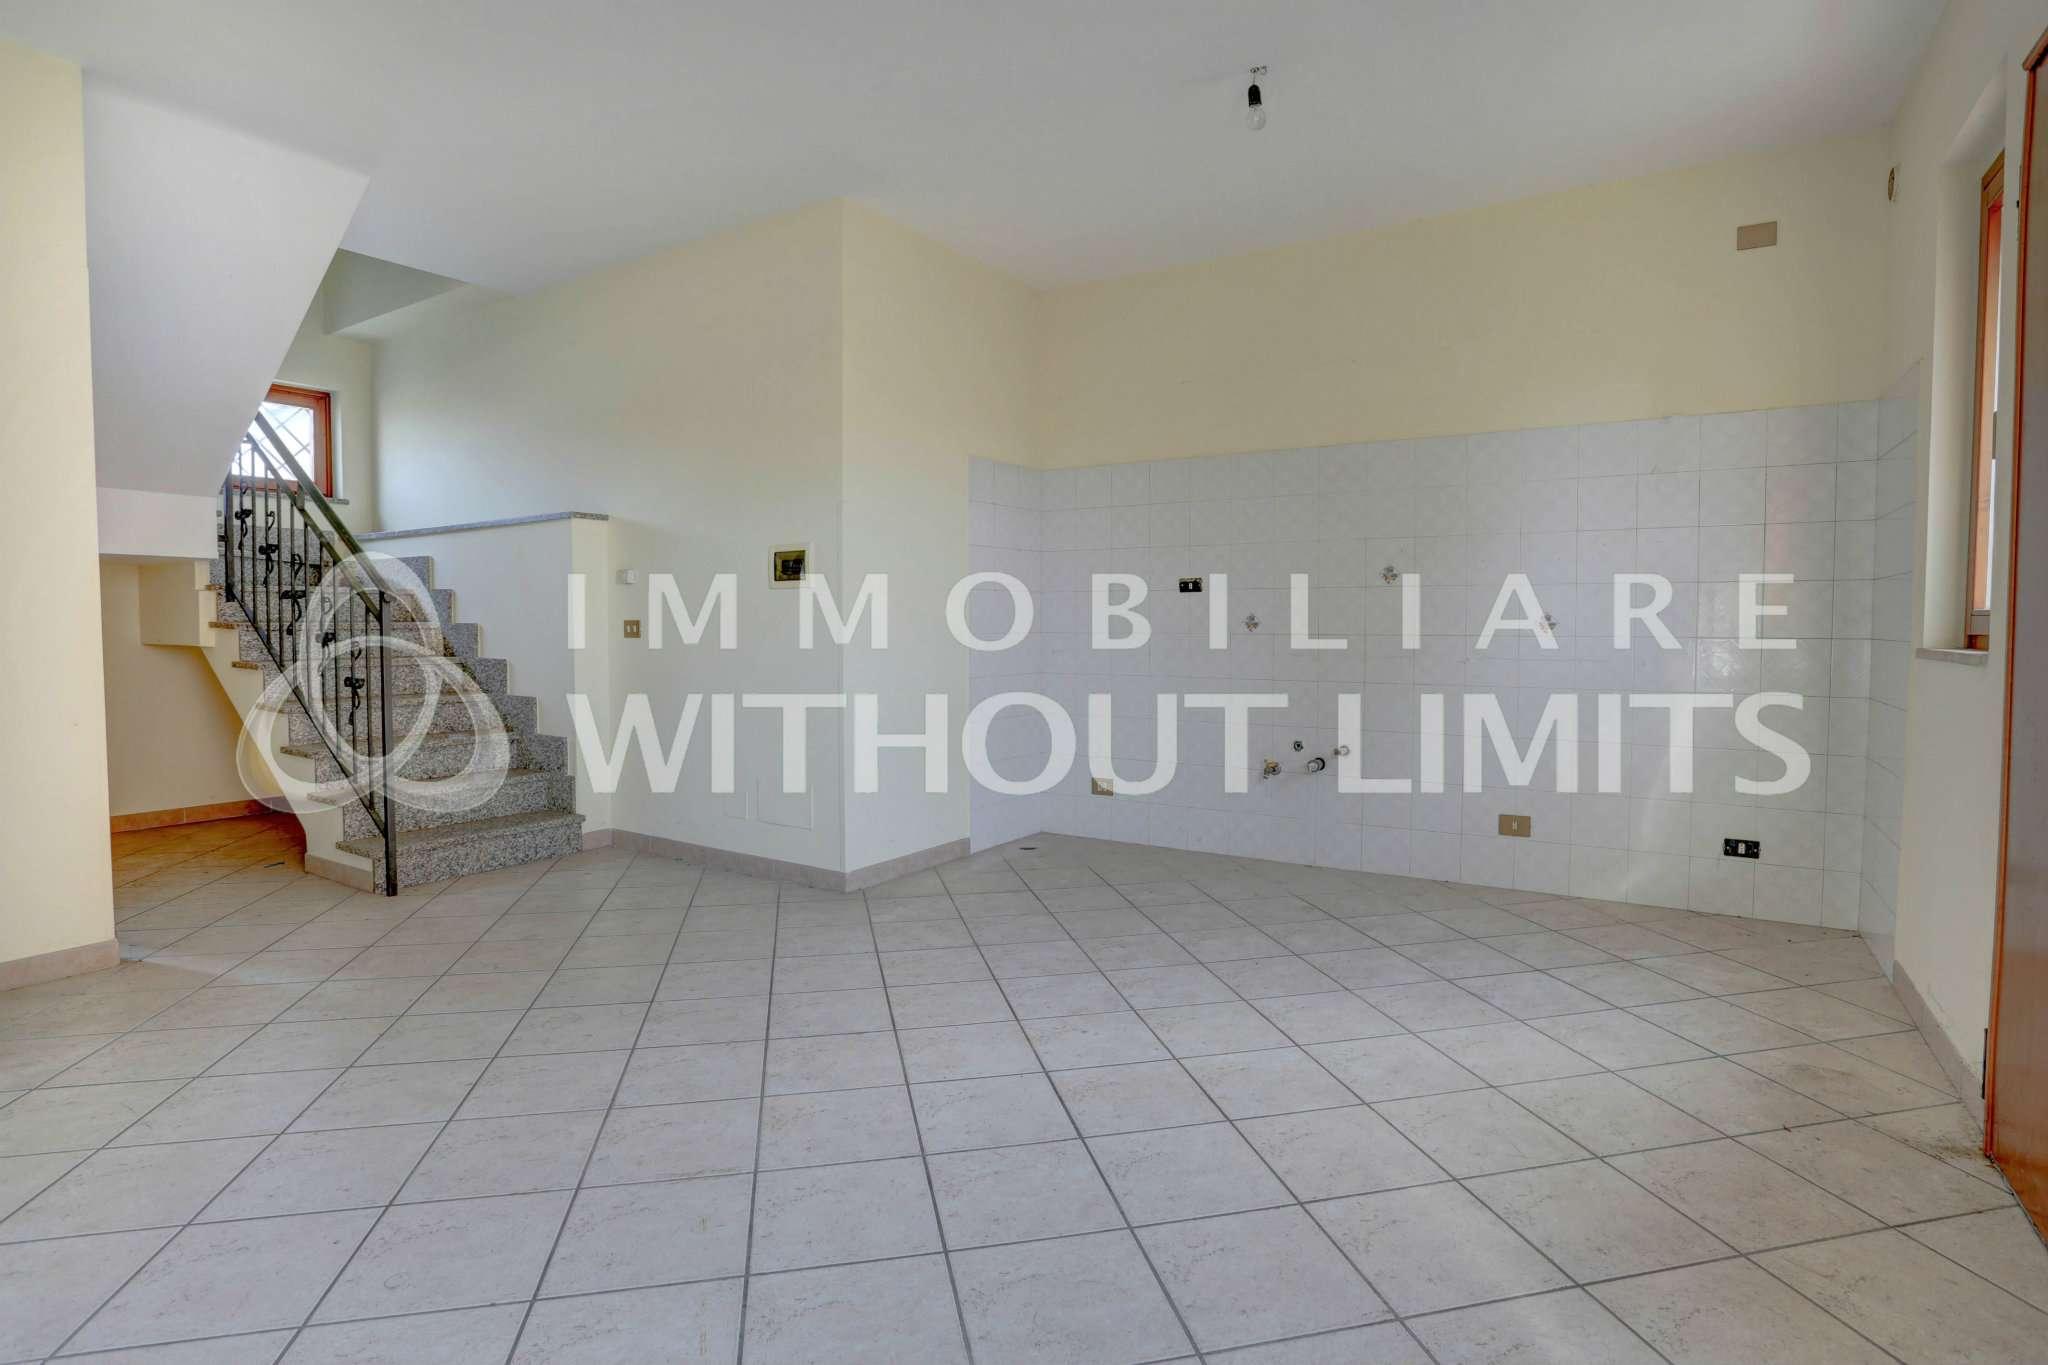 Appartamento in vendita a Ciampino, 4 locali, prezzo € 200.000 | PortaleAgenzieImmobiliari.it